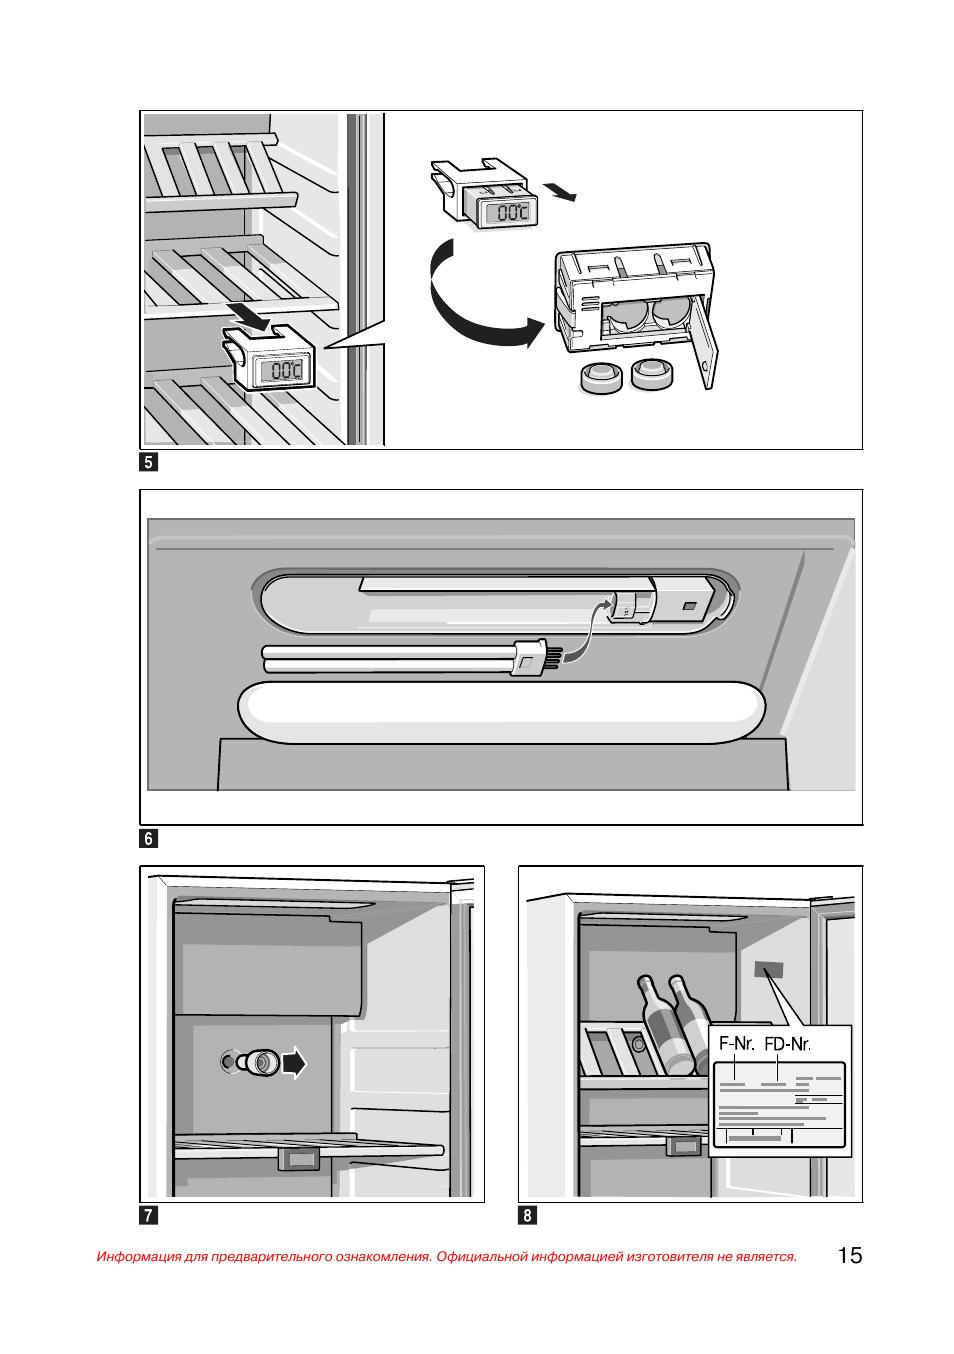 Инструкция для холодильника минск-15м